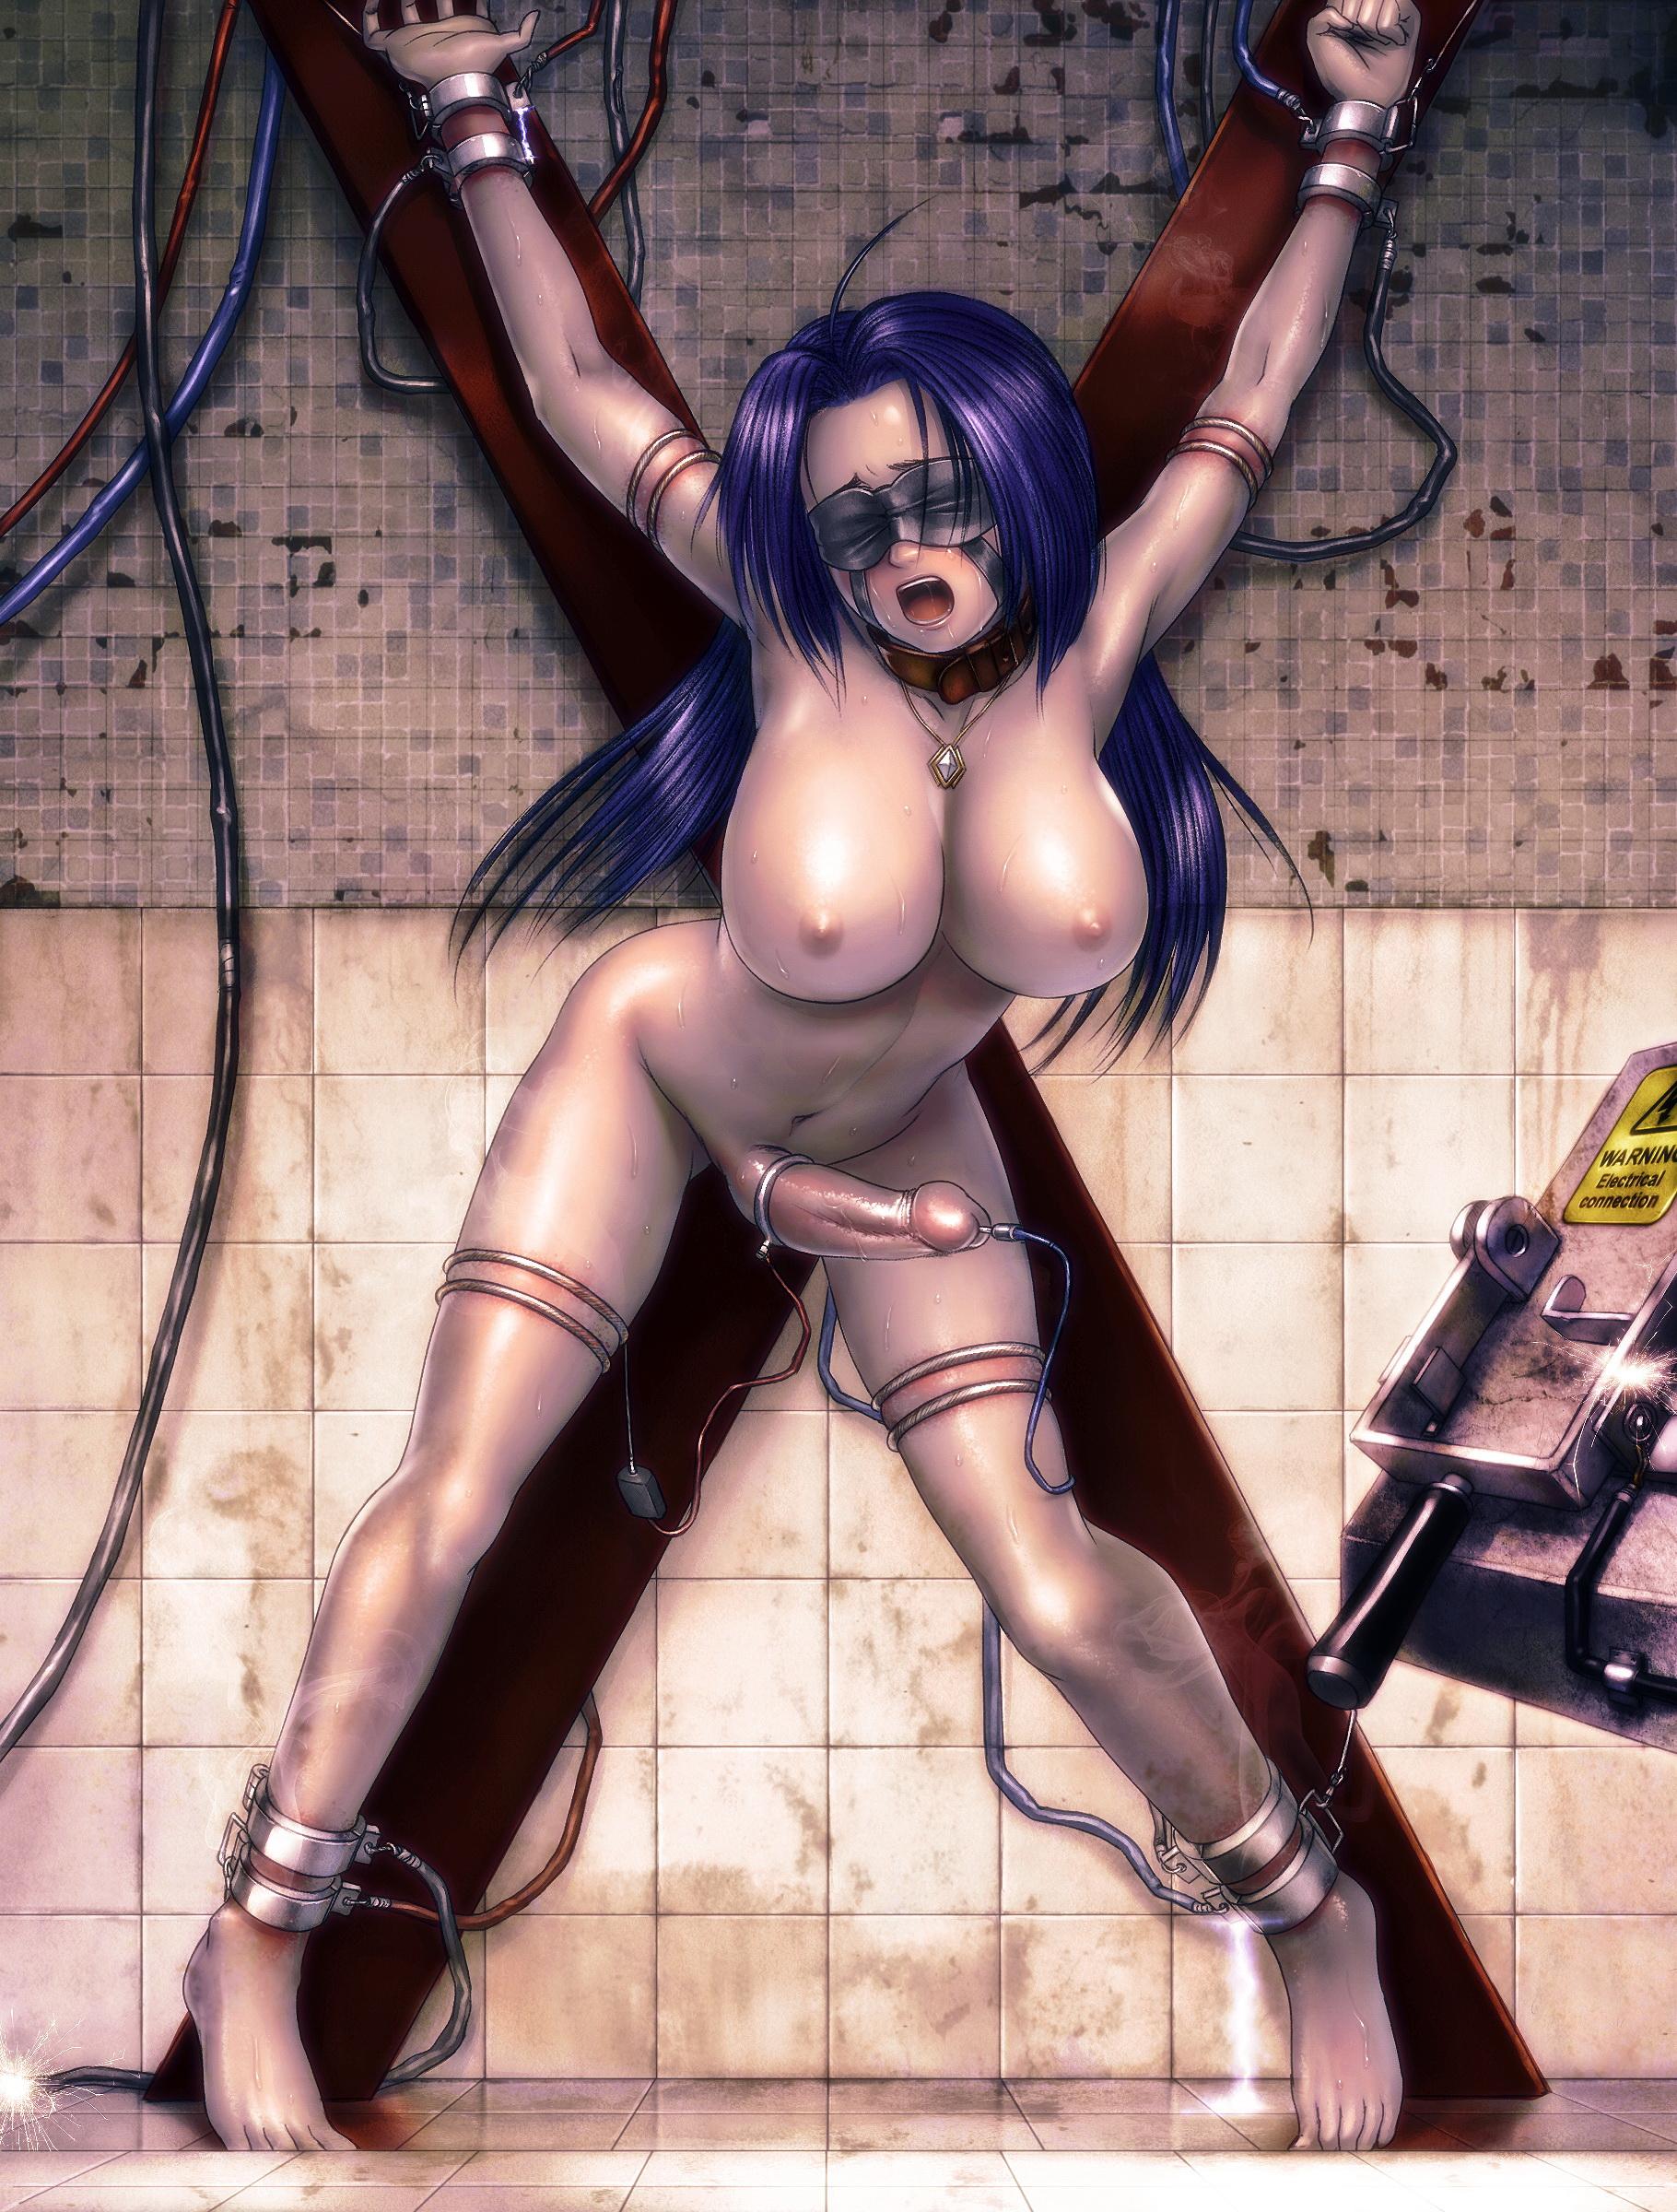 Torture supergirl naked cartoon nackt images